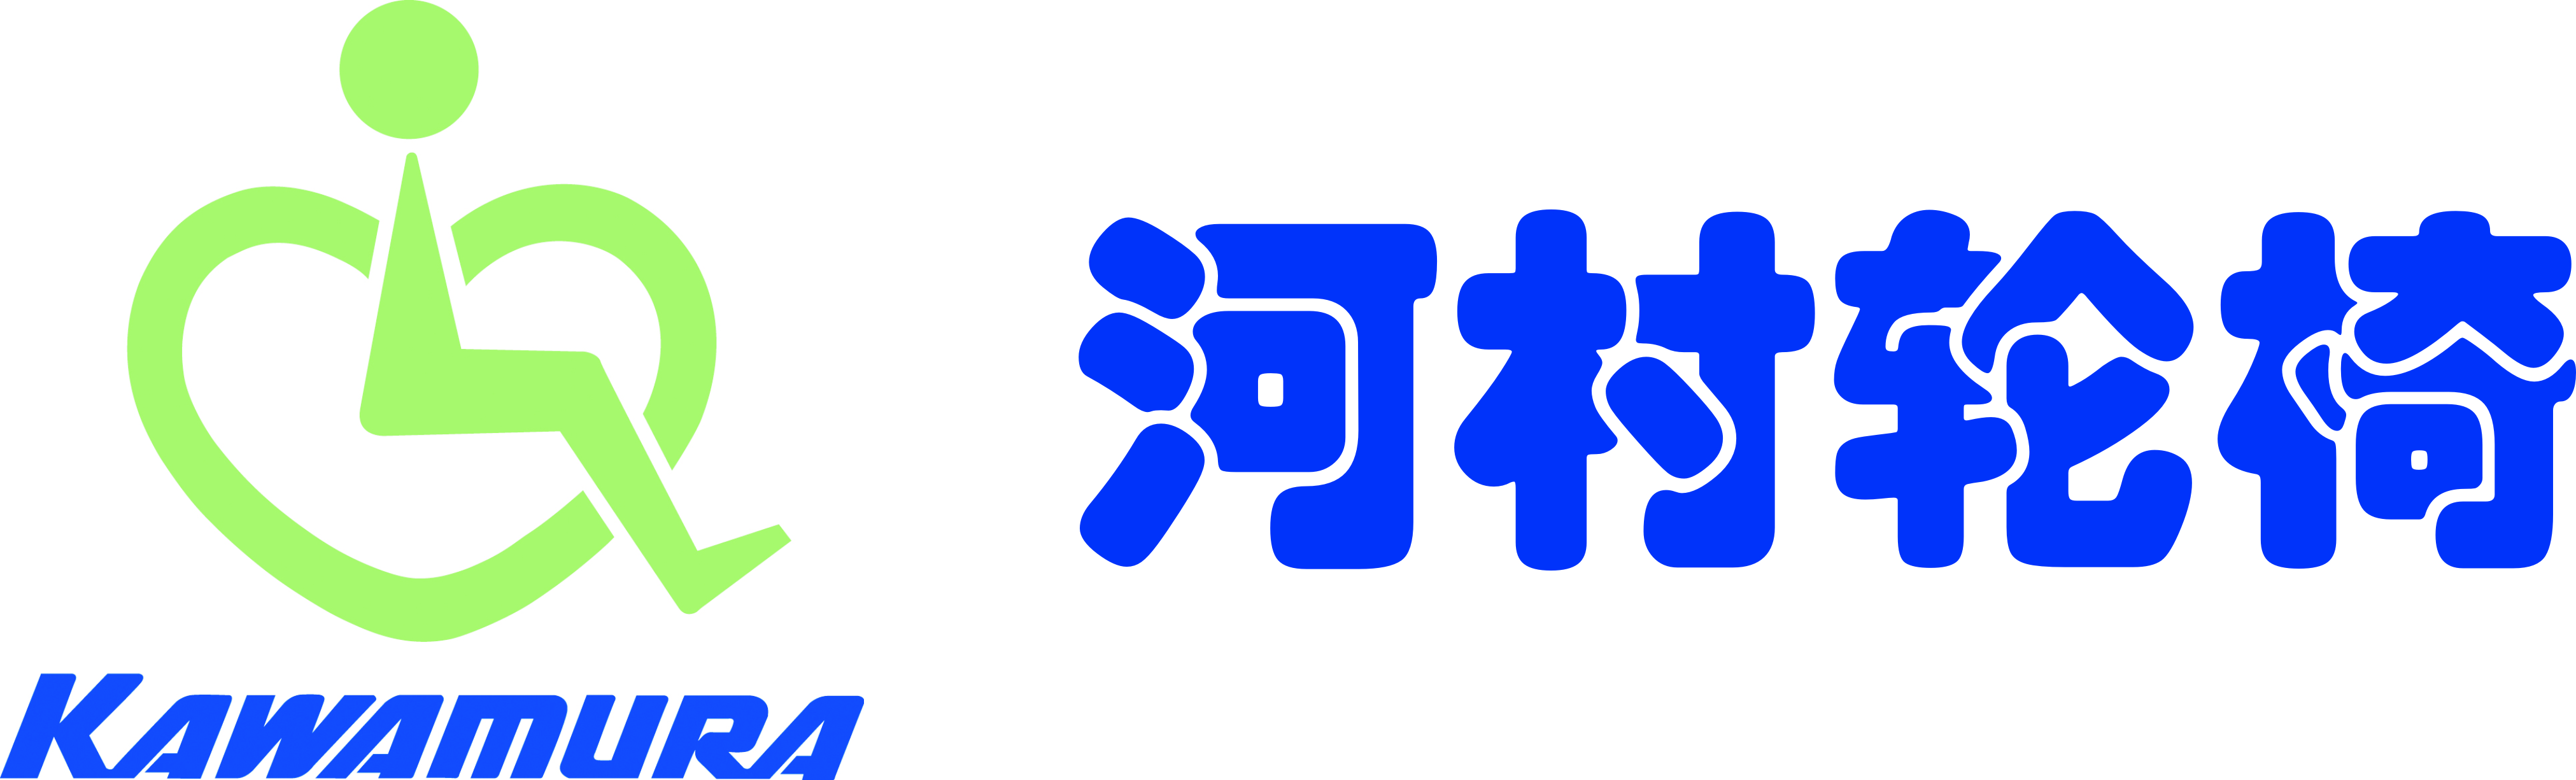 漳州立泰医疗康复器材有限公司-2018中国国际福祉博览会暨中国国际康复博览会